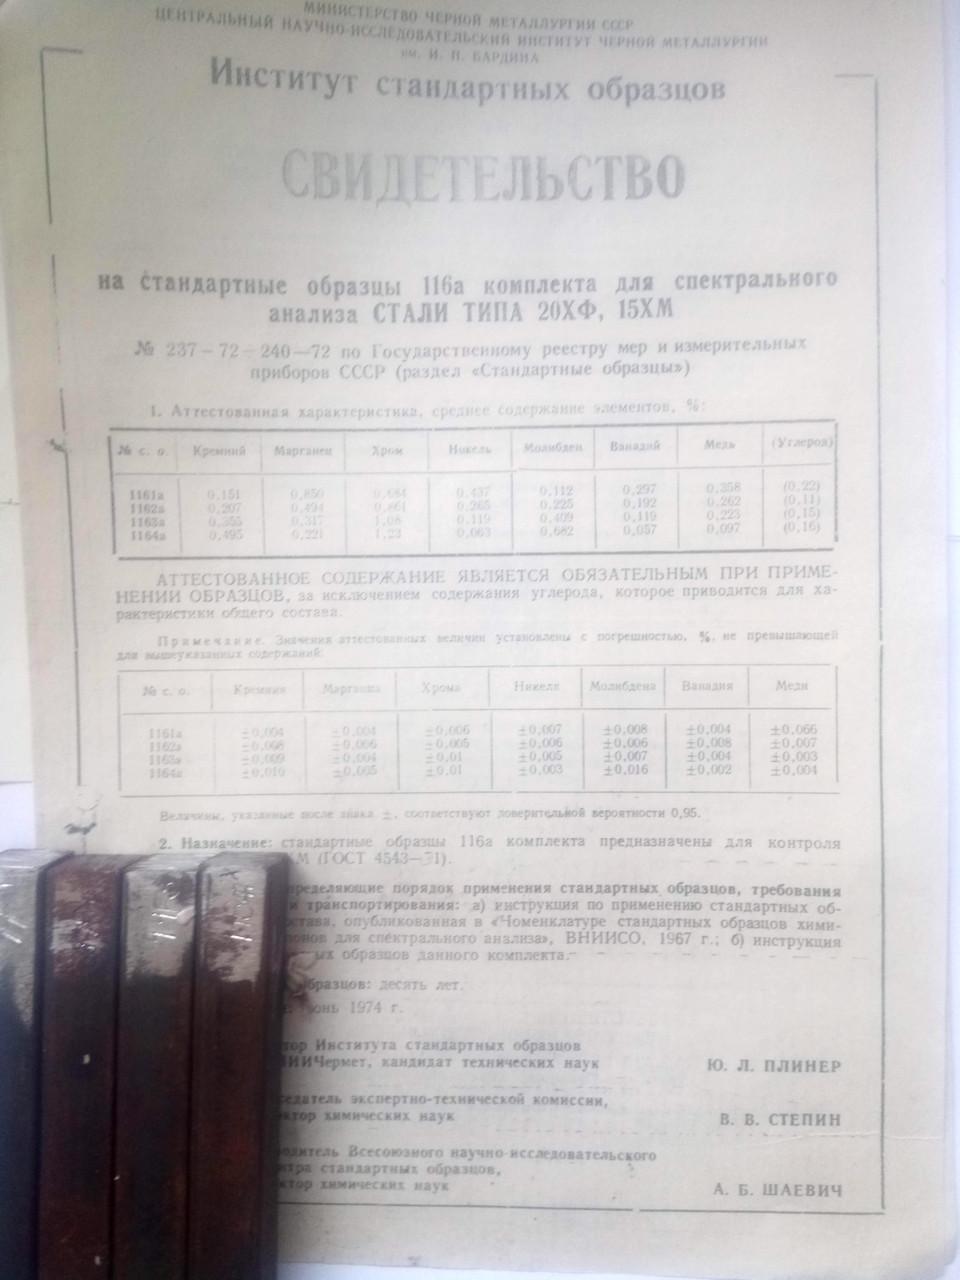 Комплект №116 а,  сталей типа  20ХВ,15ХВ, ГСО237-72-240-72